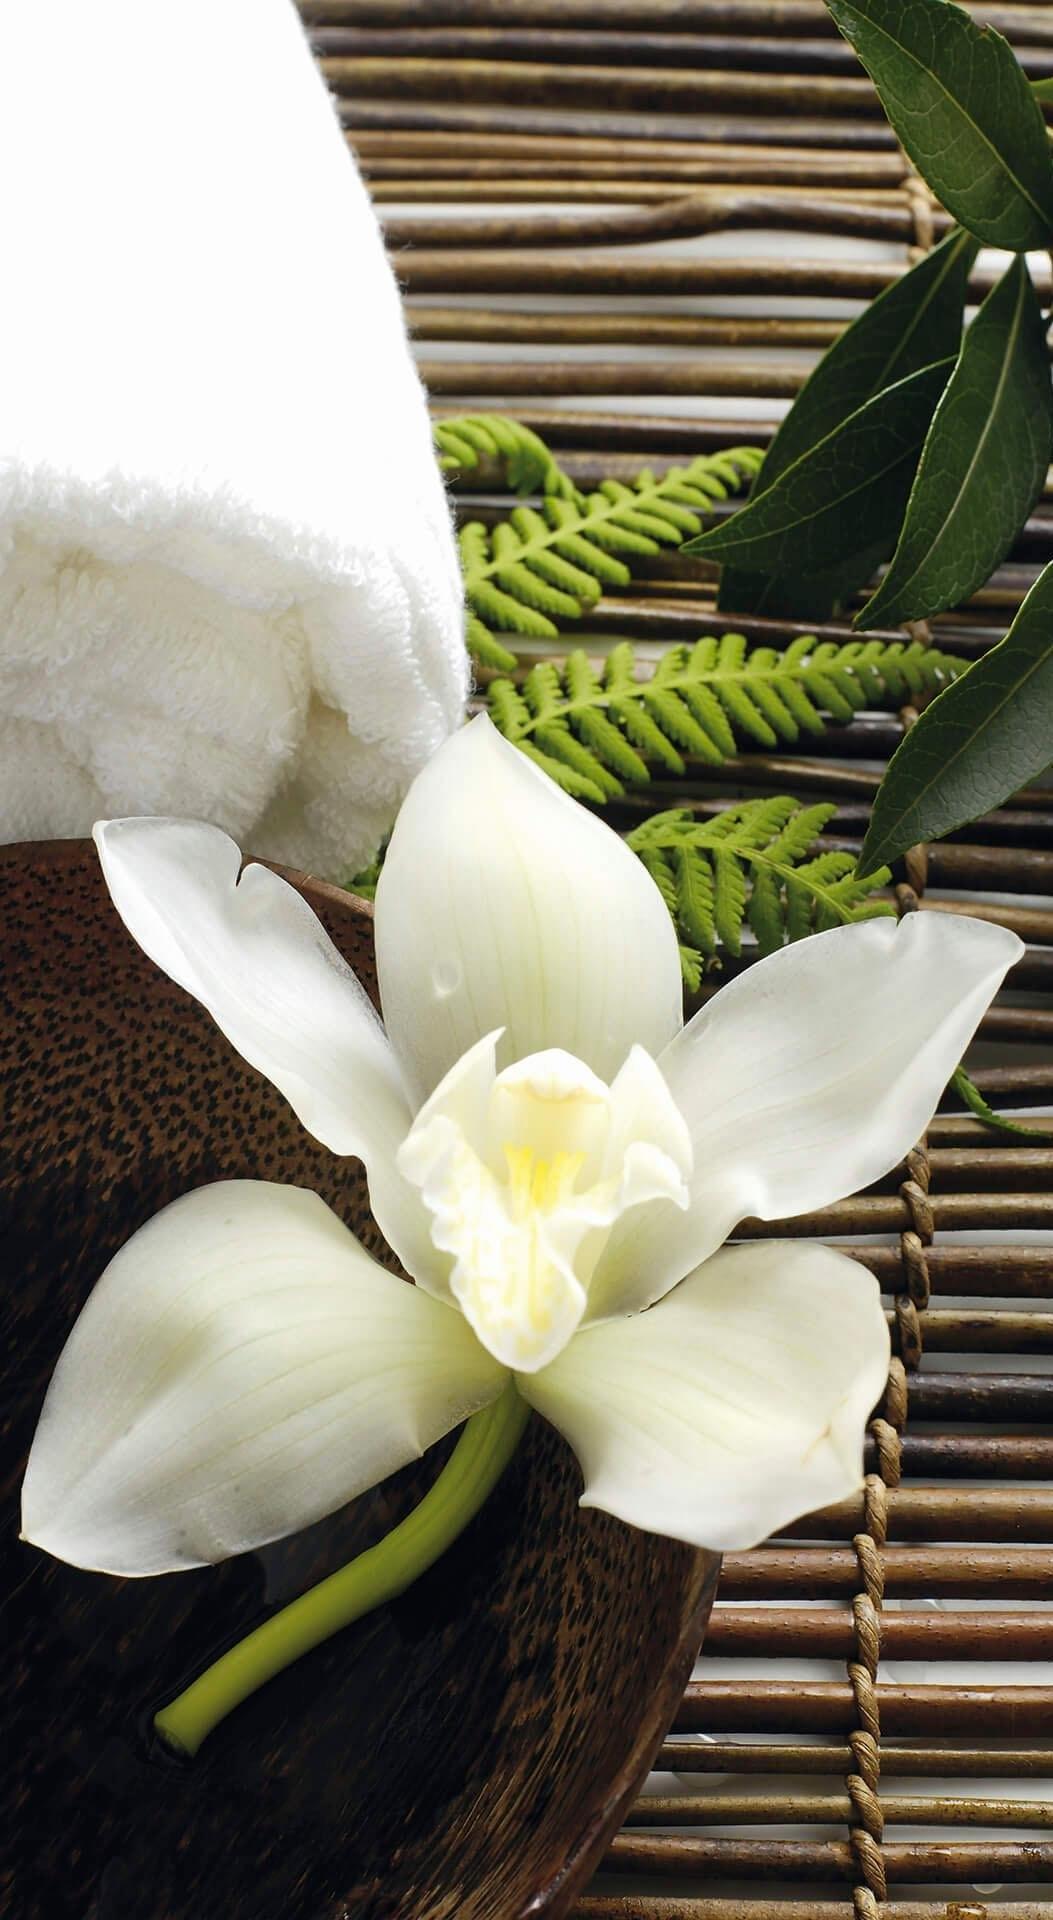 Wall-Art vliesbehang Wellness orchidee goedkoop op otto.nl kopen